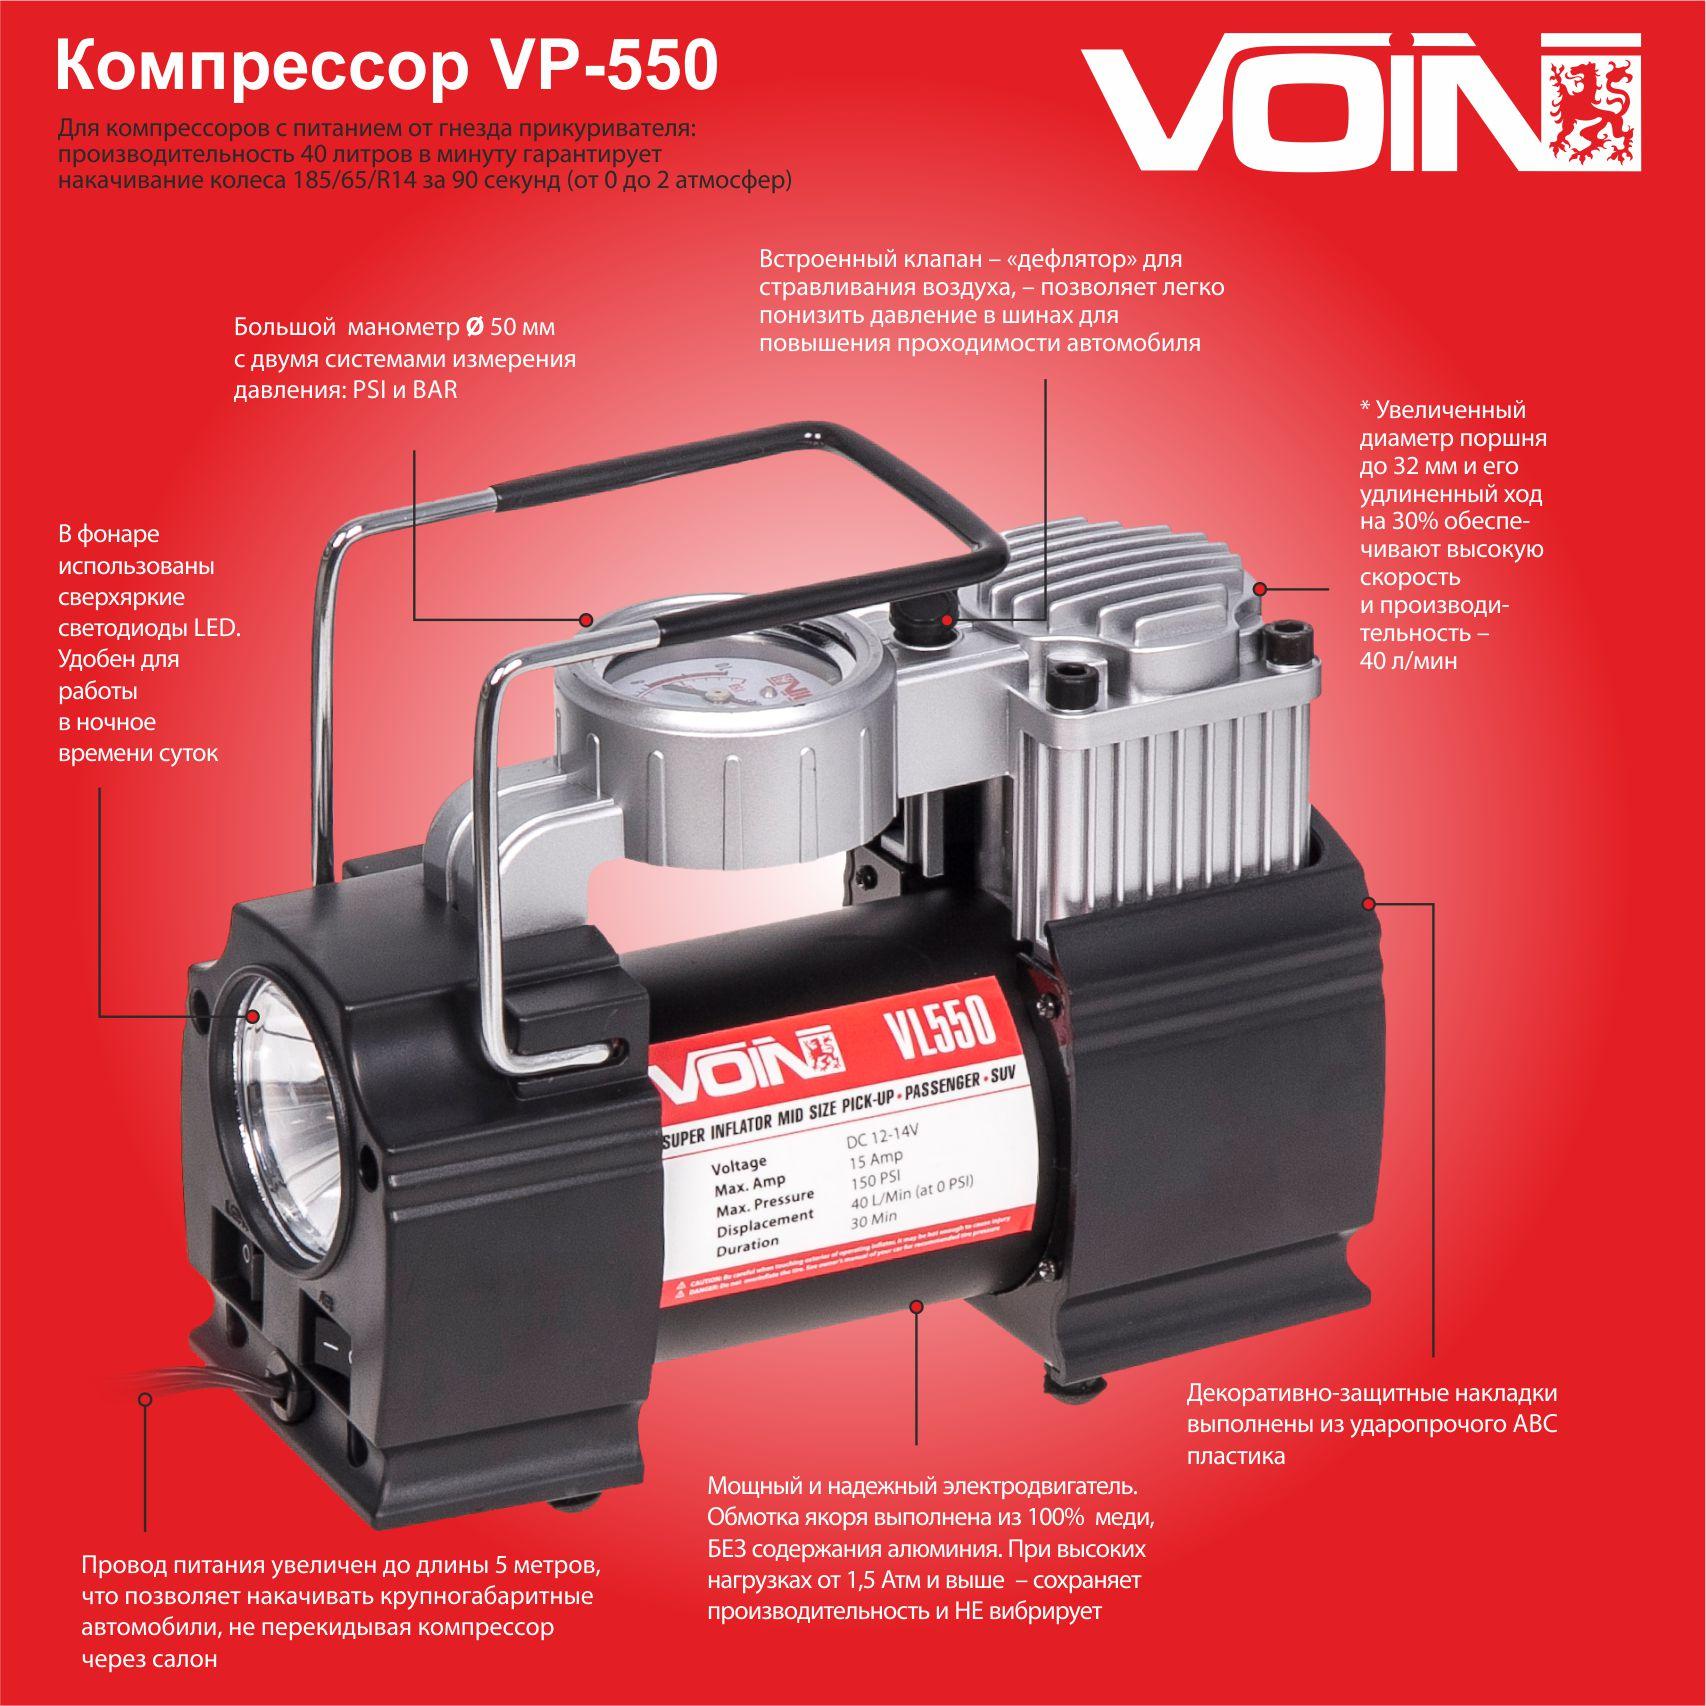 004_kompressory